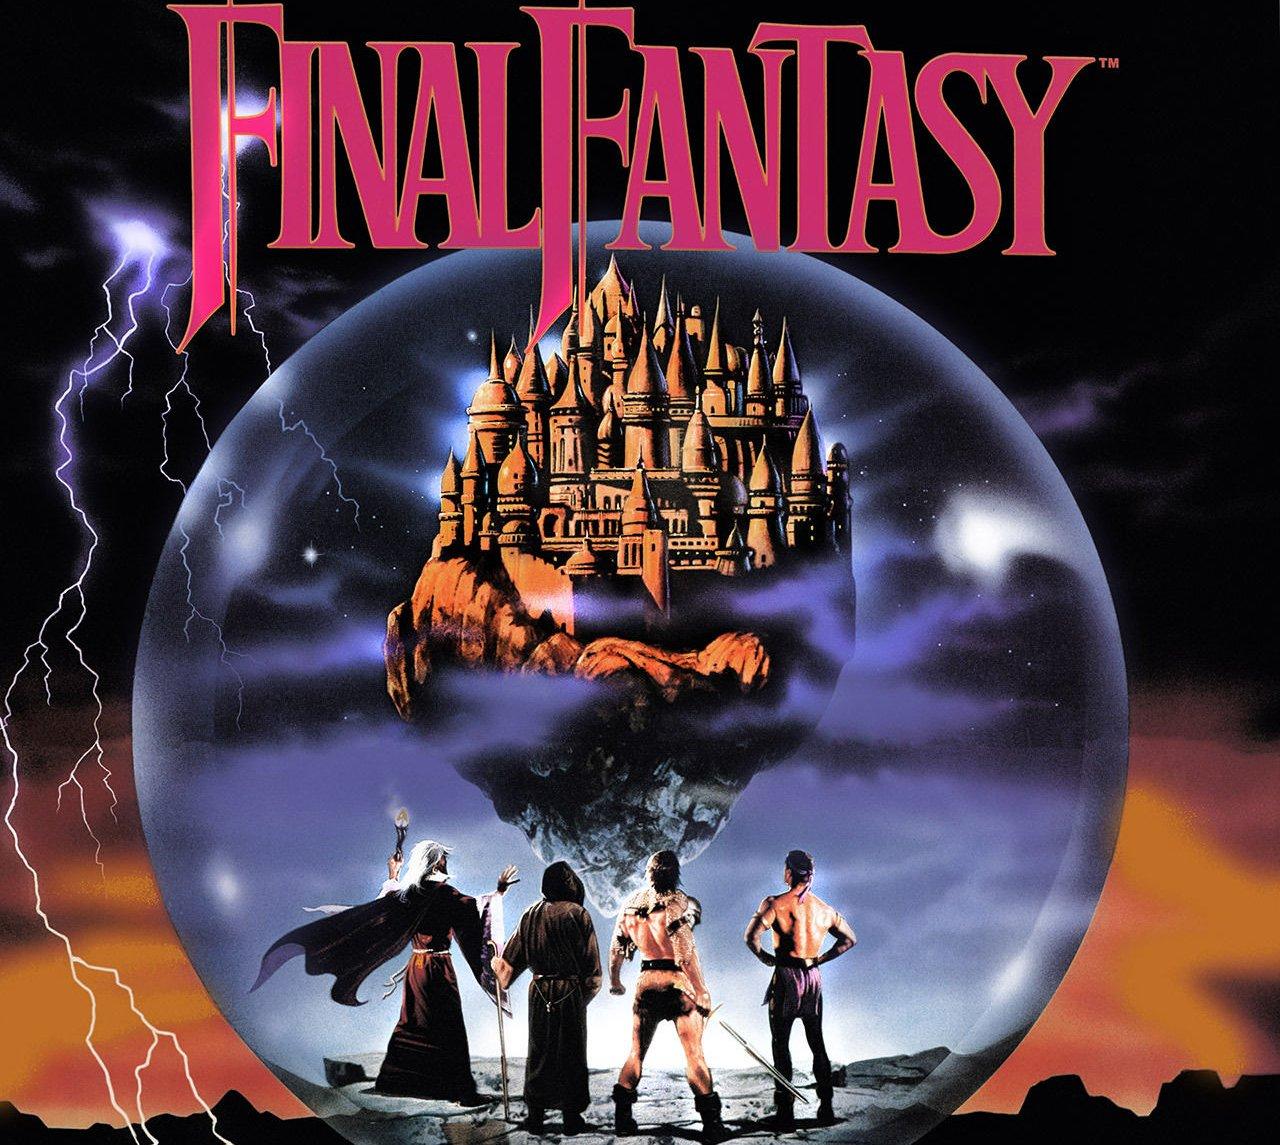 История в движущихся картинках (Final Fantasy) ❦Часть 2❦ - Изображение 1